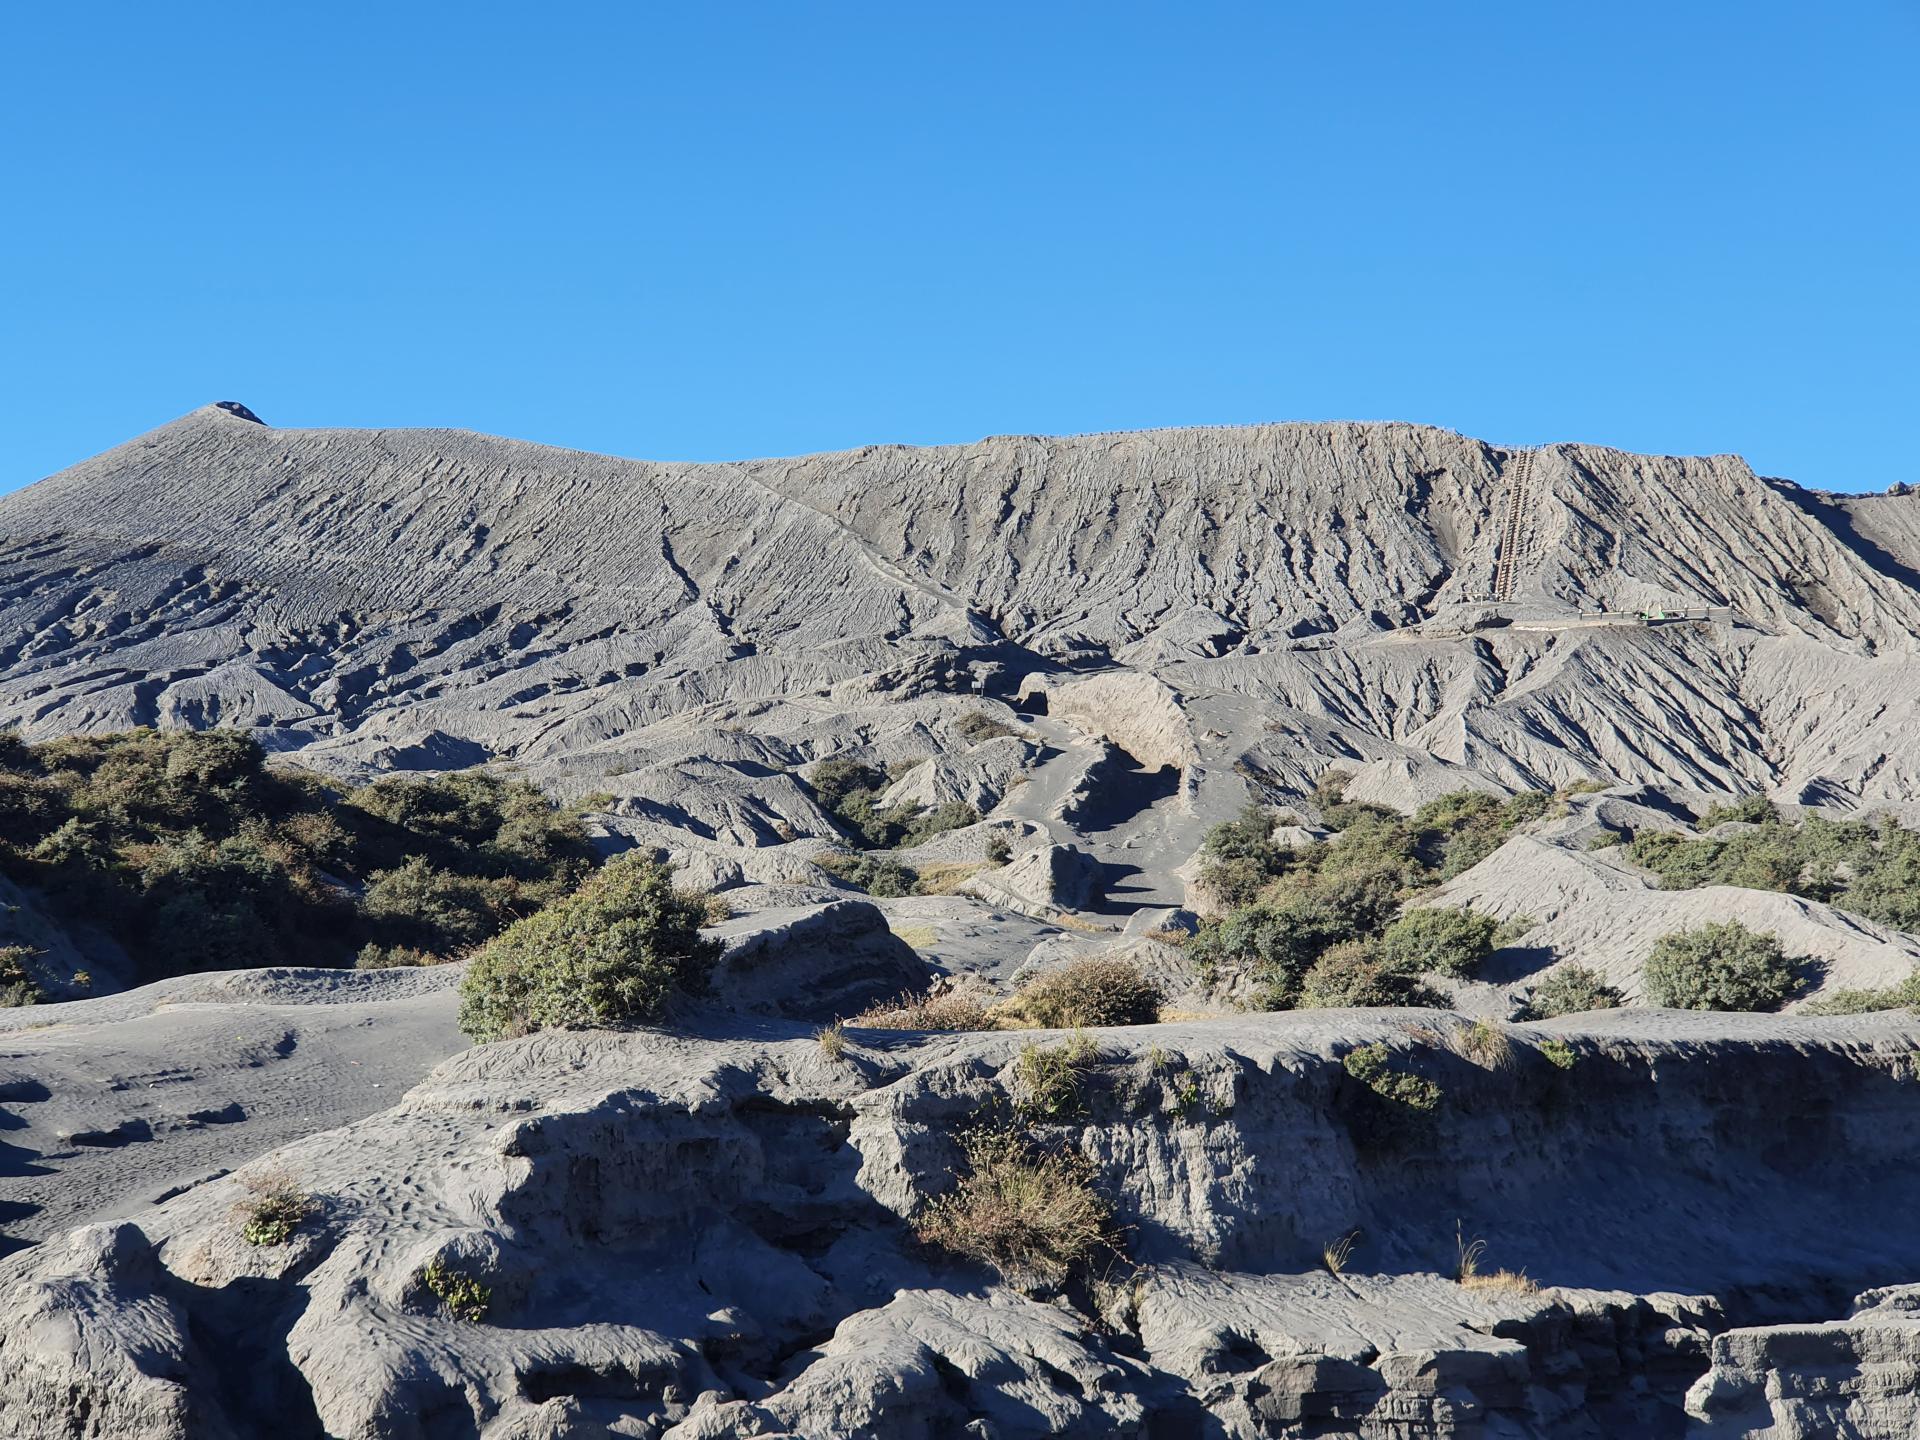 кратер вулкана Бромо, Индонезия